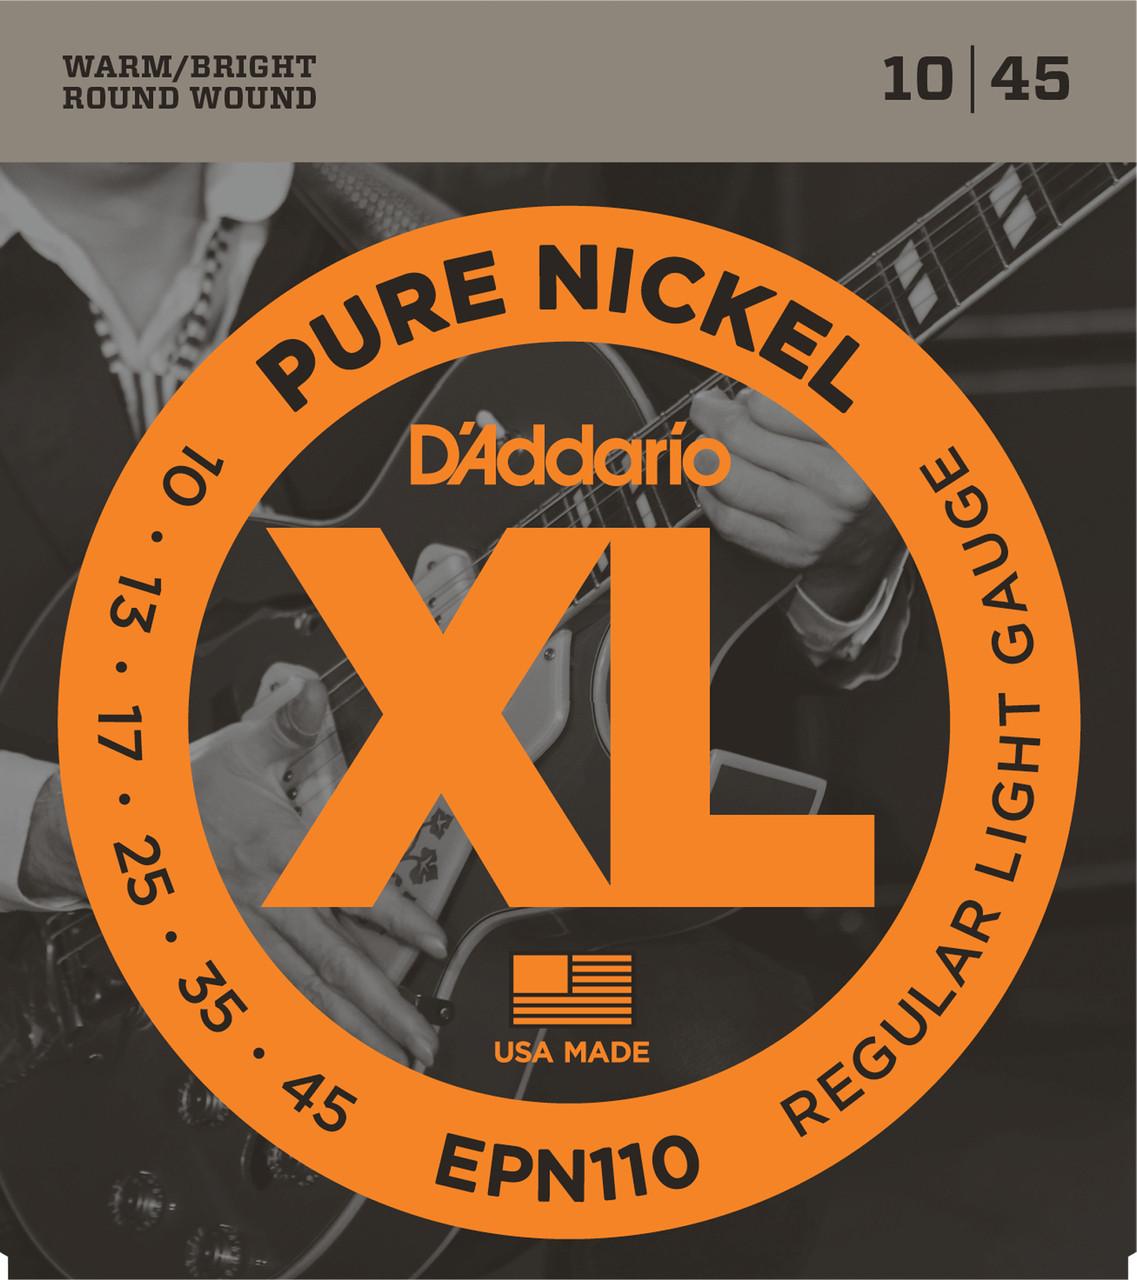 Daddario EPN110 Pure Nickel Electric Guitar Strings